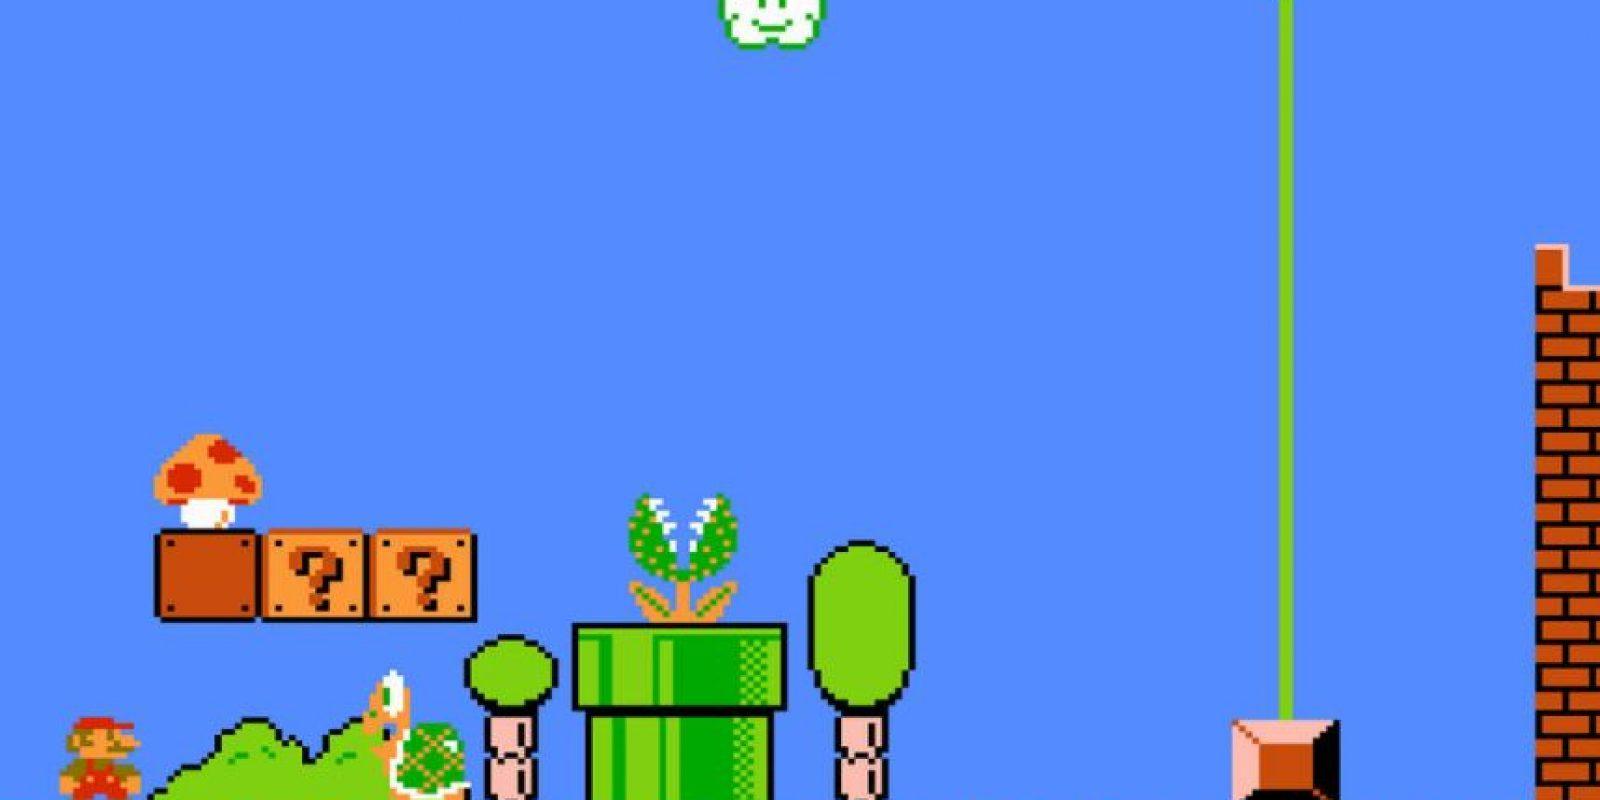 Es también uno de los juegos más amados y recordados de la historia. Foto:Nintendo. Imagen Por: